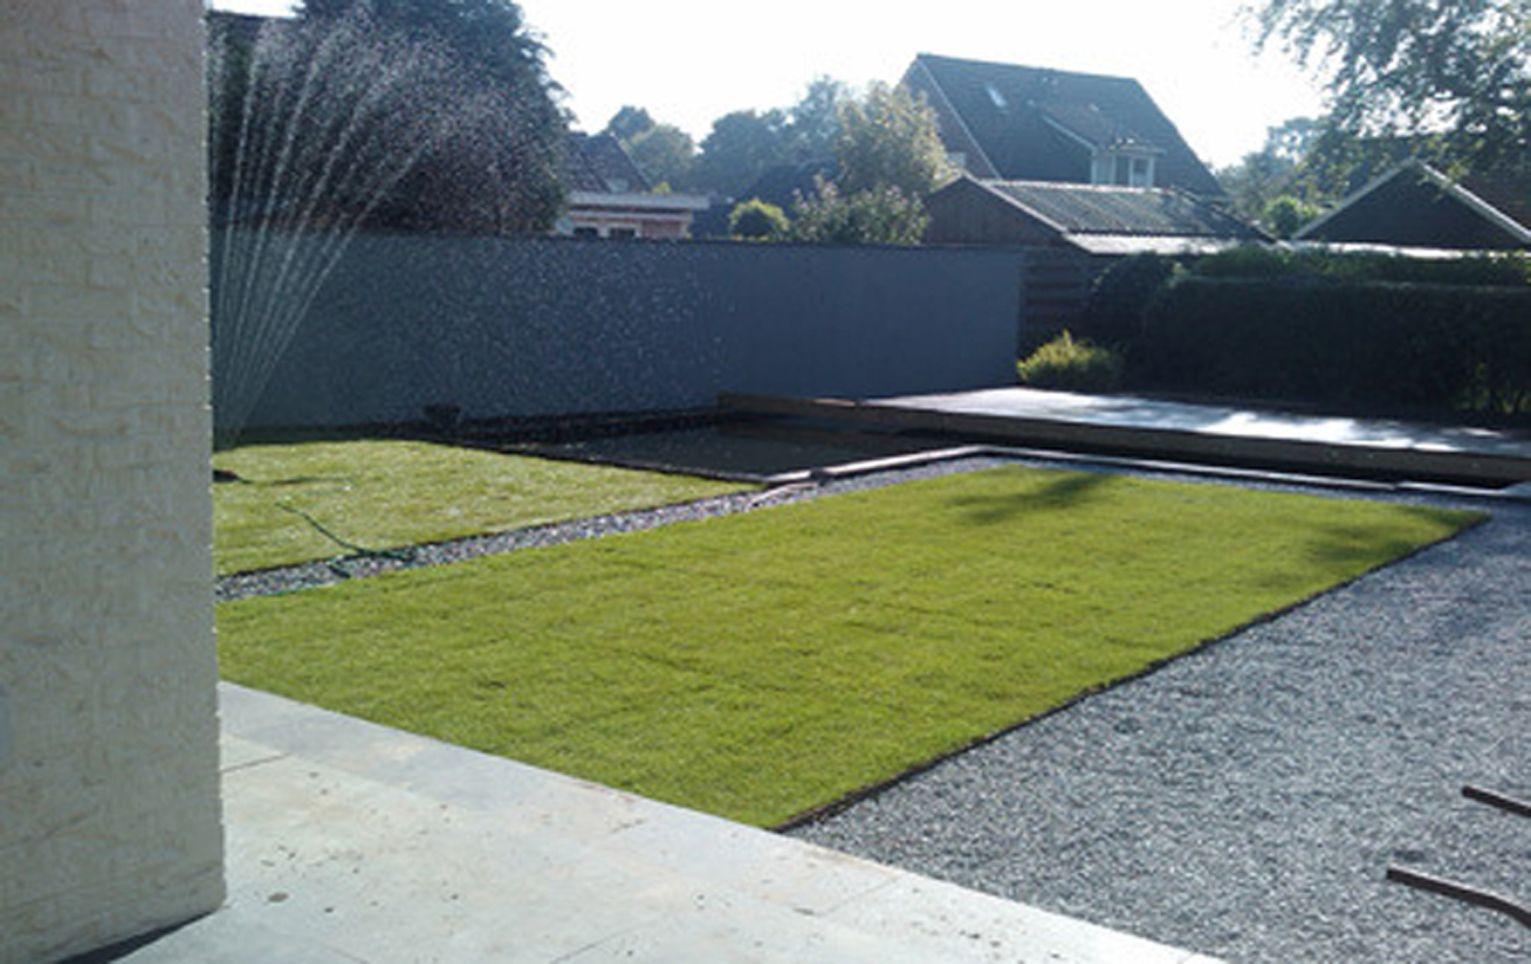 hgtv garden design ideas cottage garden design ideas front yard garden ideas designs #Garden